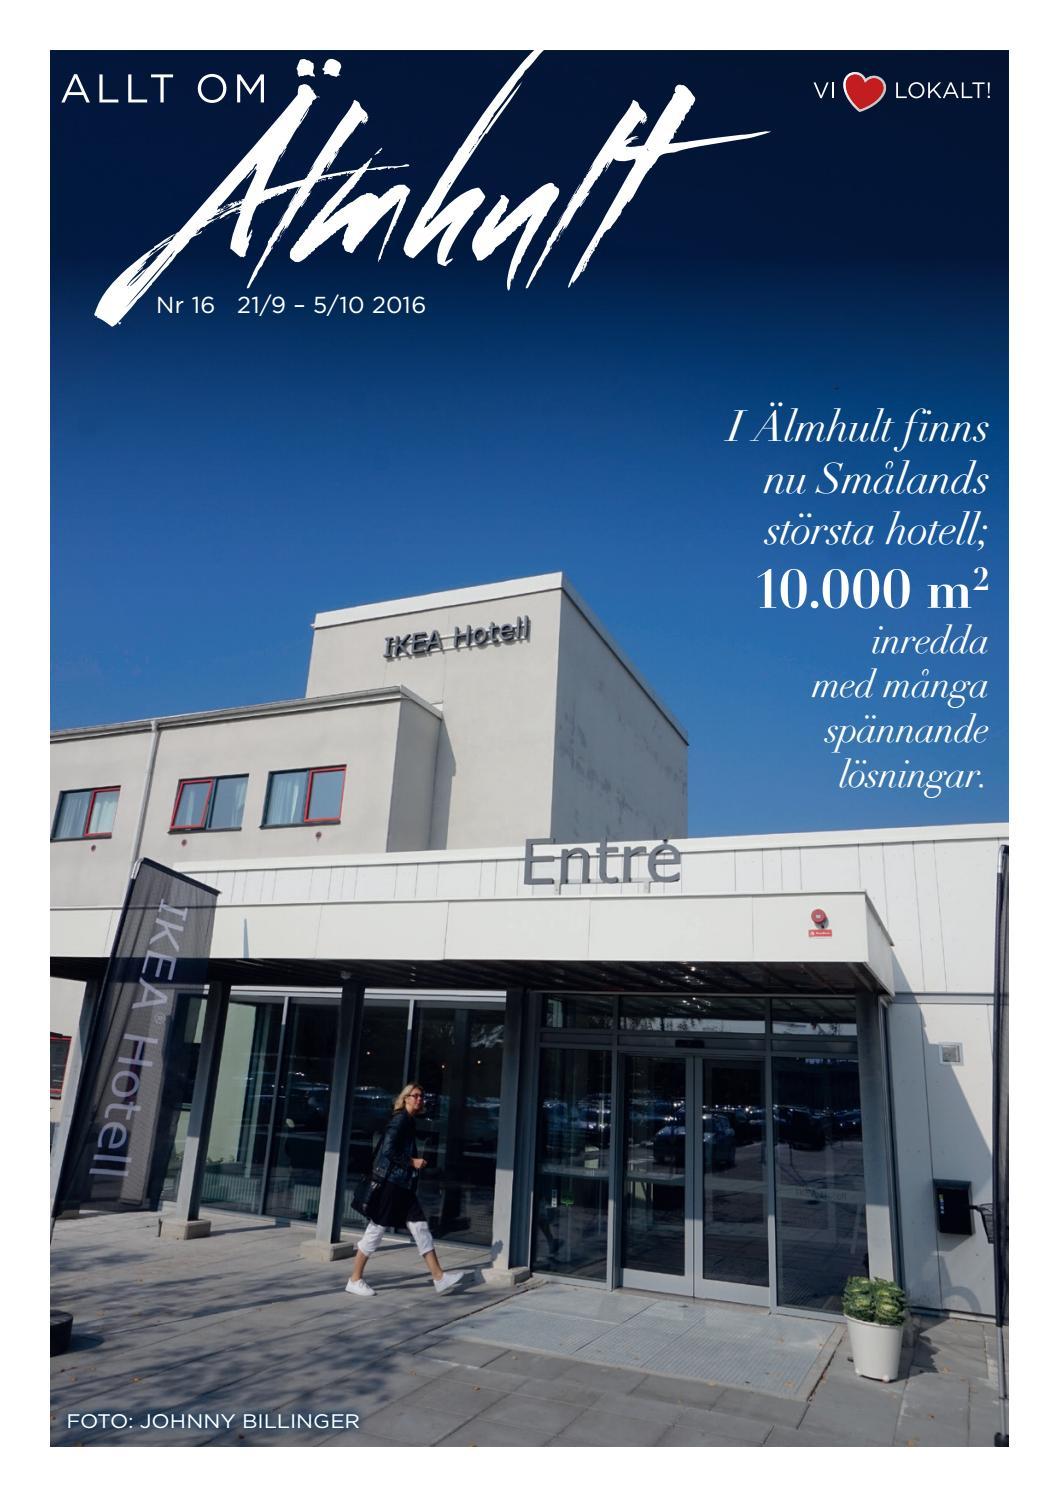 Allt om Älmhult nr. 11 2016 by espresso reklambyrå   issuu